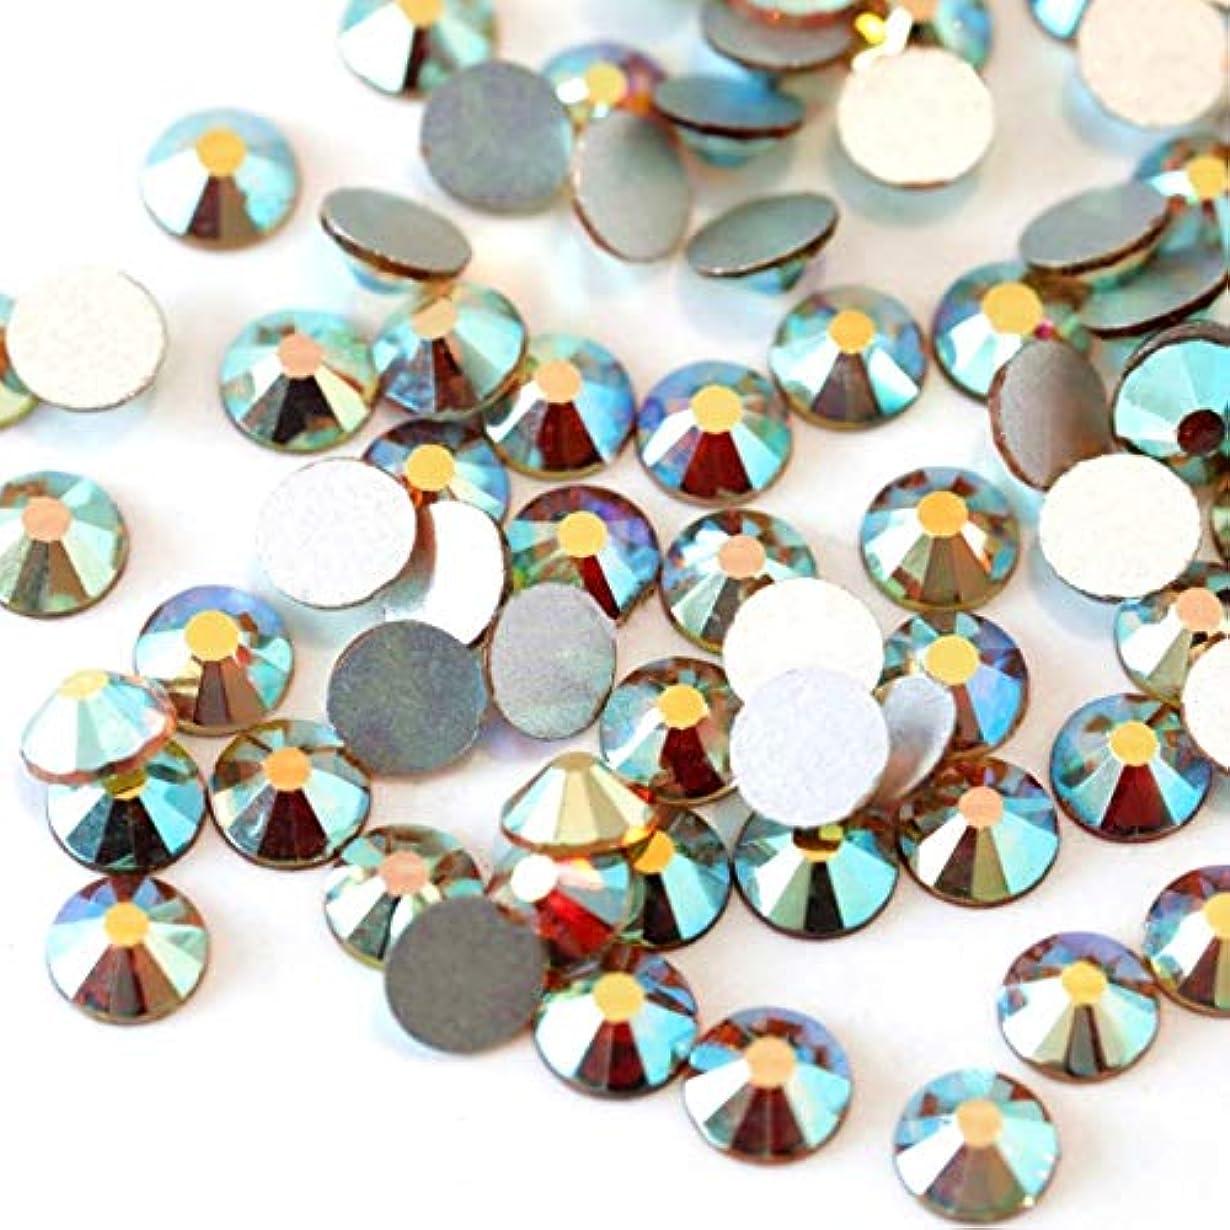 流星爆発する階段【ラインストーン77】高品質ガラス製ラインストーン 色/サイズ選択可 SS3~SS50 スワロフスキー同等 (サンライズ, SS4:約1.5mm(約200粒))